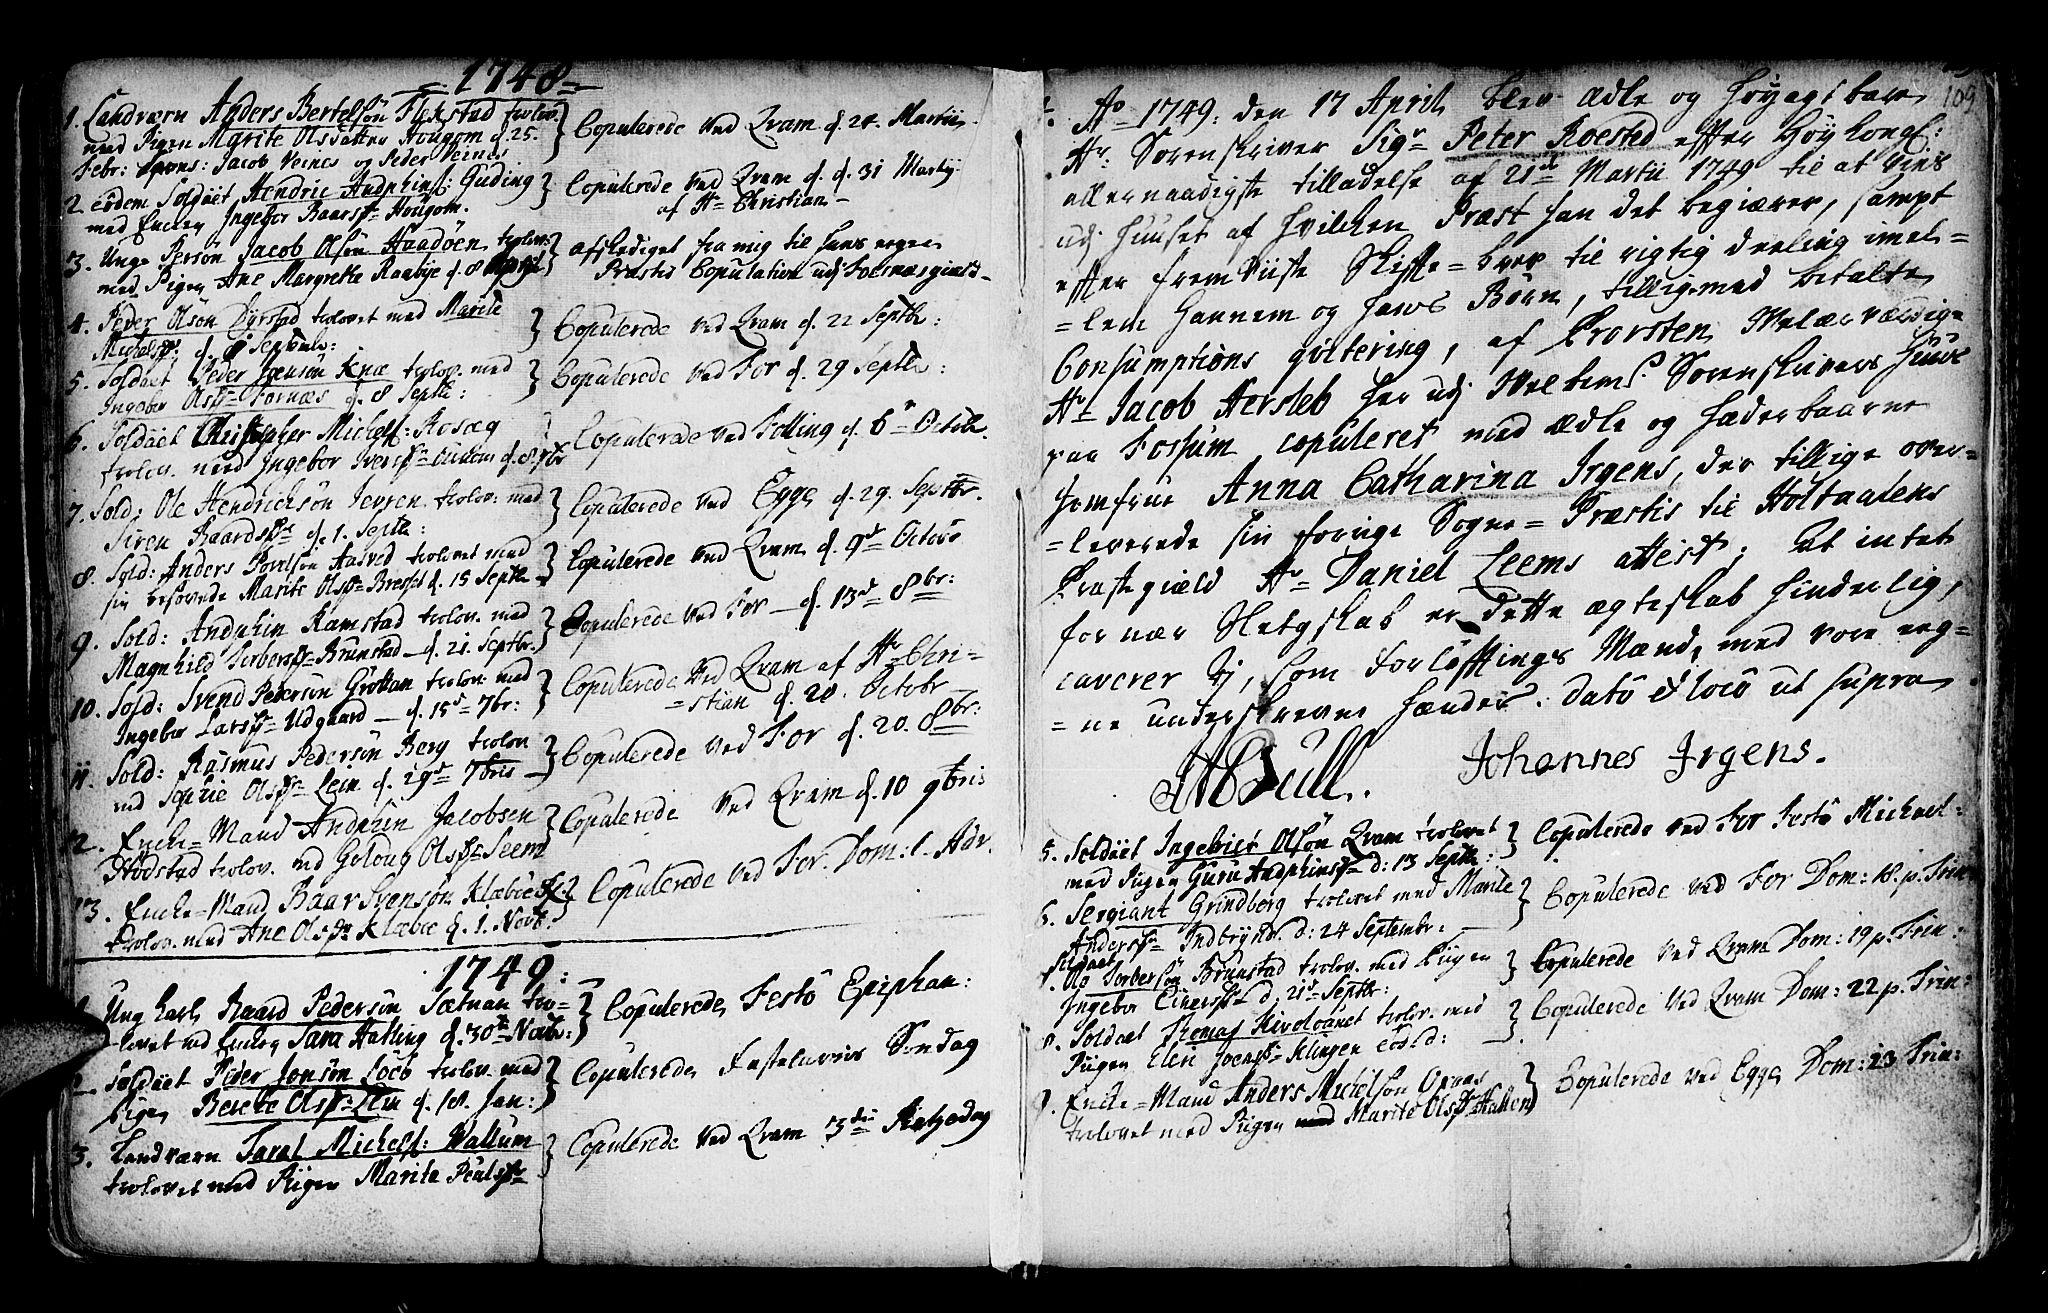 SAT, Ministerialprotokoller, klokkerbøker og fødselsregistre - Nord-Trøndelag, 746/L0439: Ministerialbok nr. 746A01, 1688-1759, s. 109